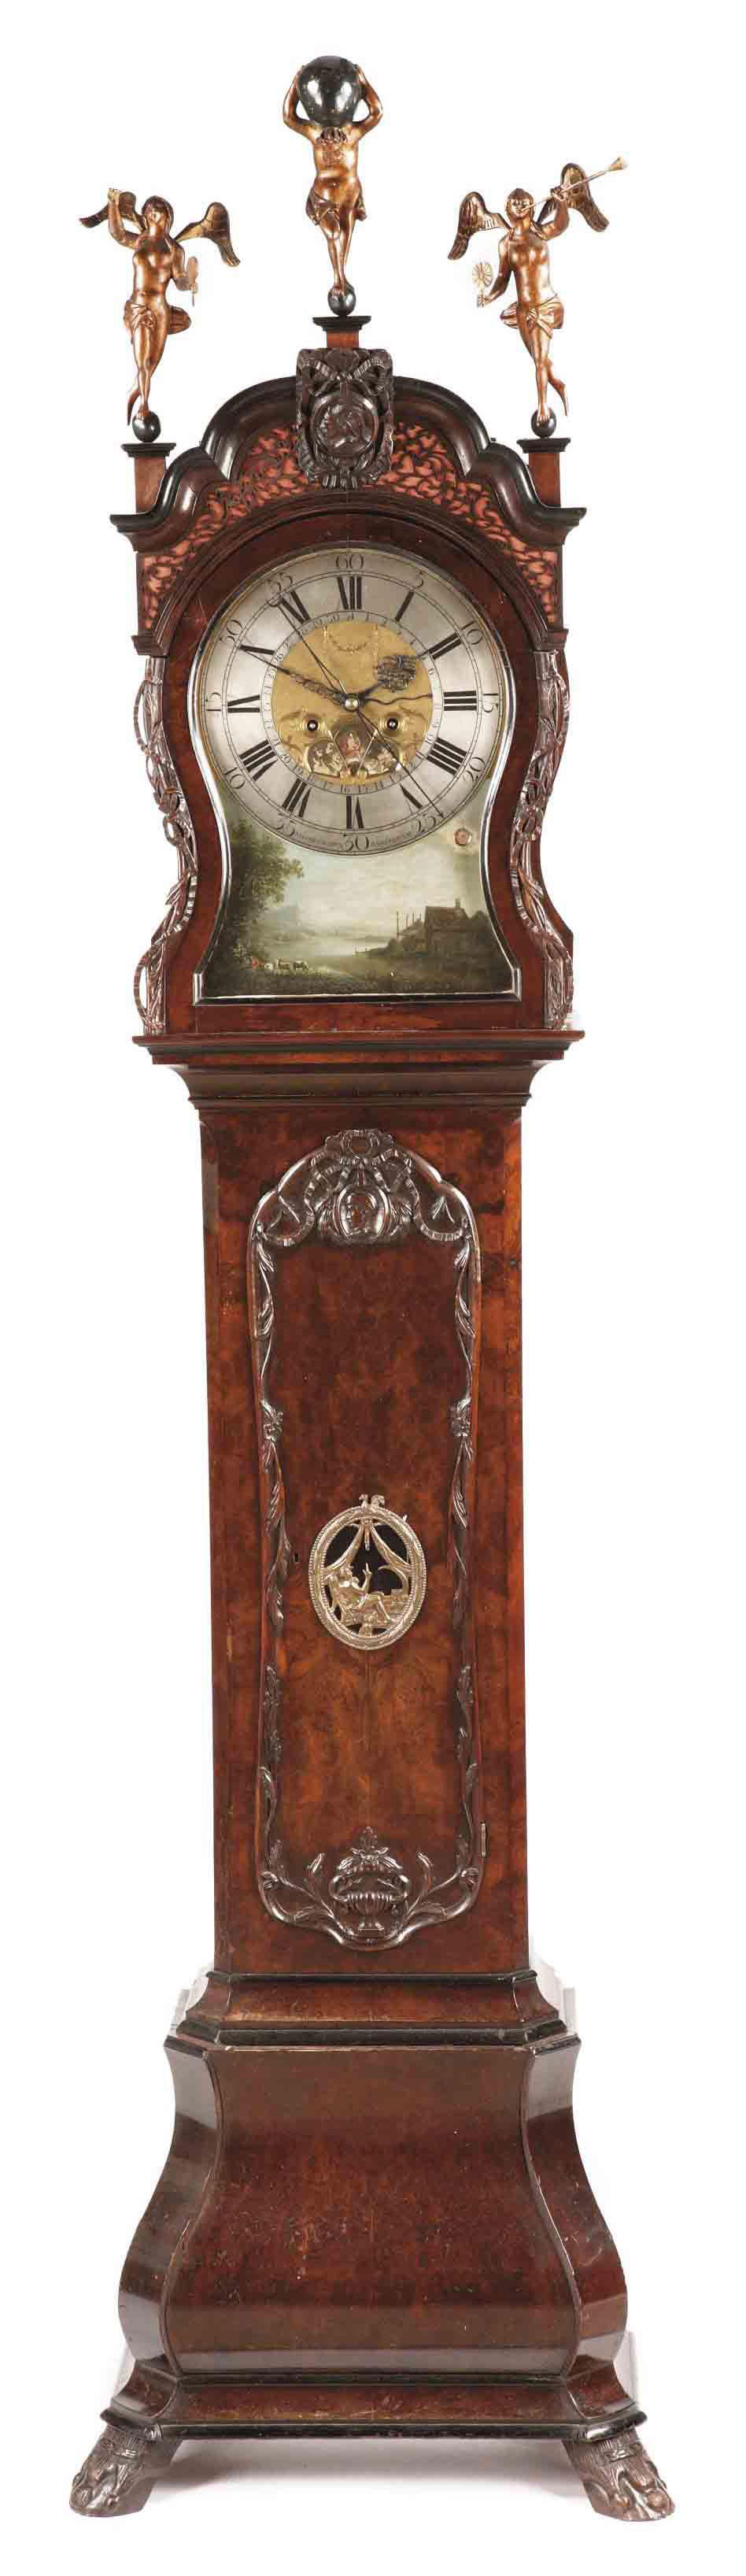 A DUTCH WALNUT and BURR-WALNUT LONGCASE CLOCK WITH CALENDAR